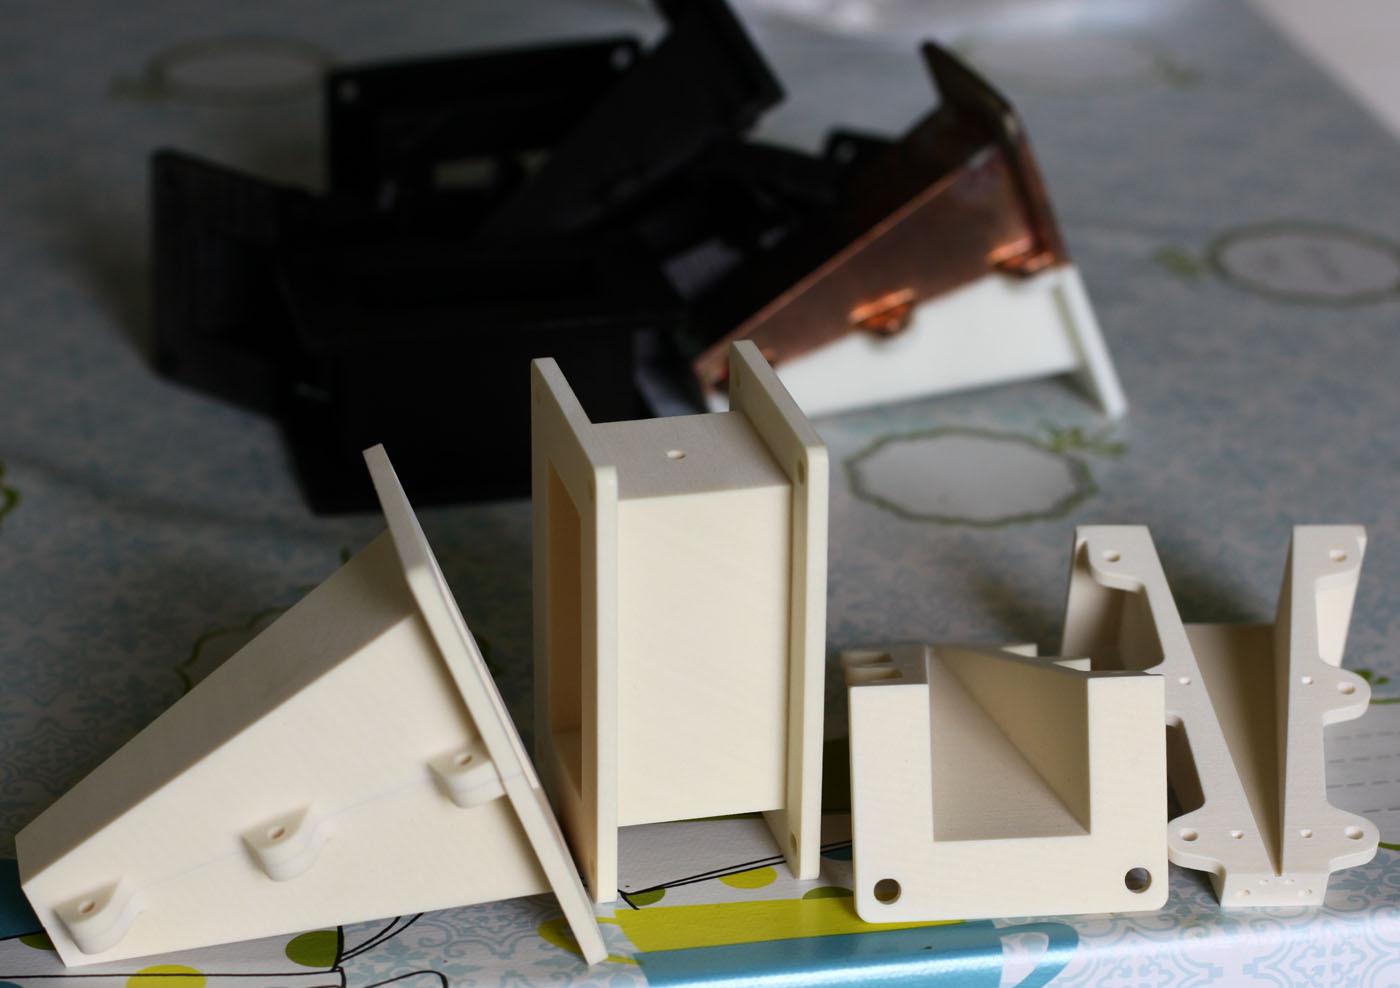 Применение аддитивных технологий при производстве сложных нестандартных изделий - 3